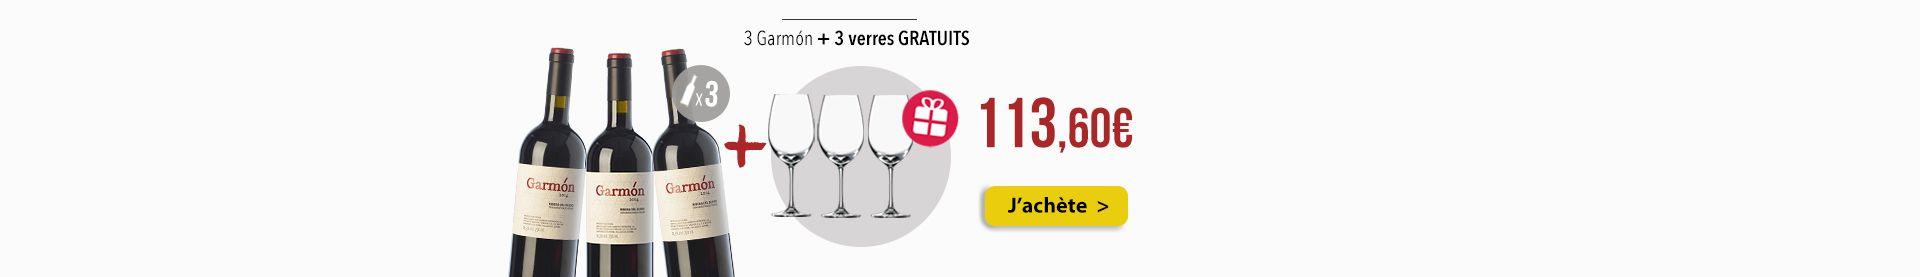 3 Garmon + 3 verres GRATUITS